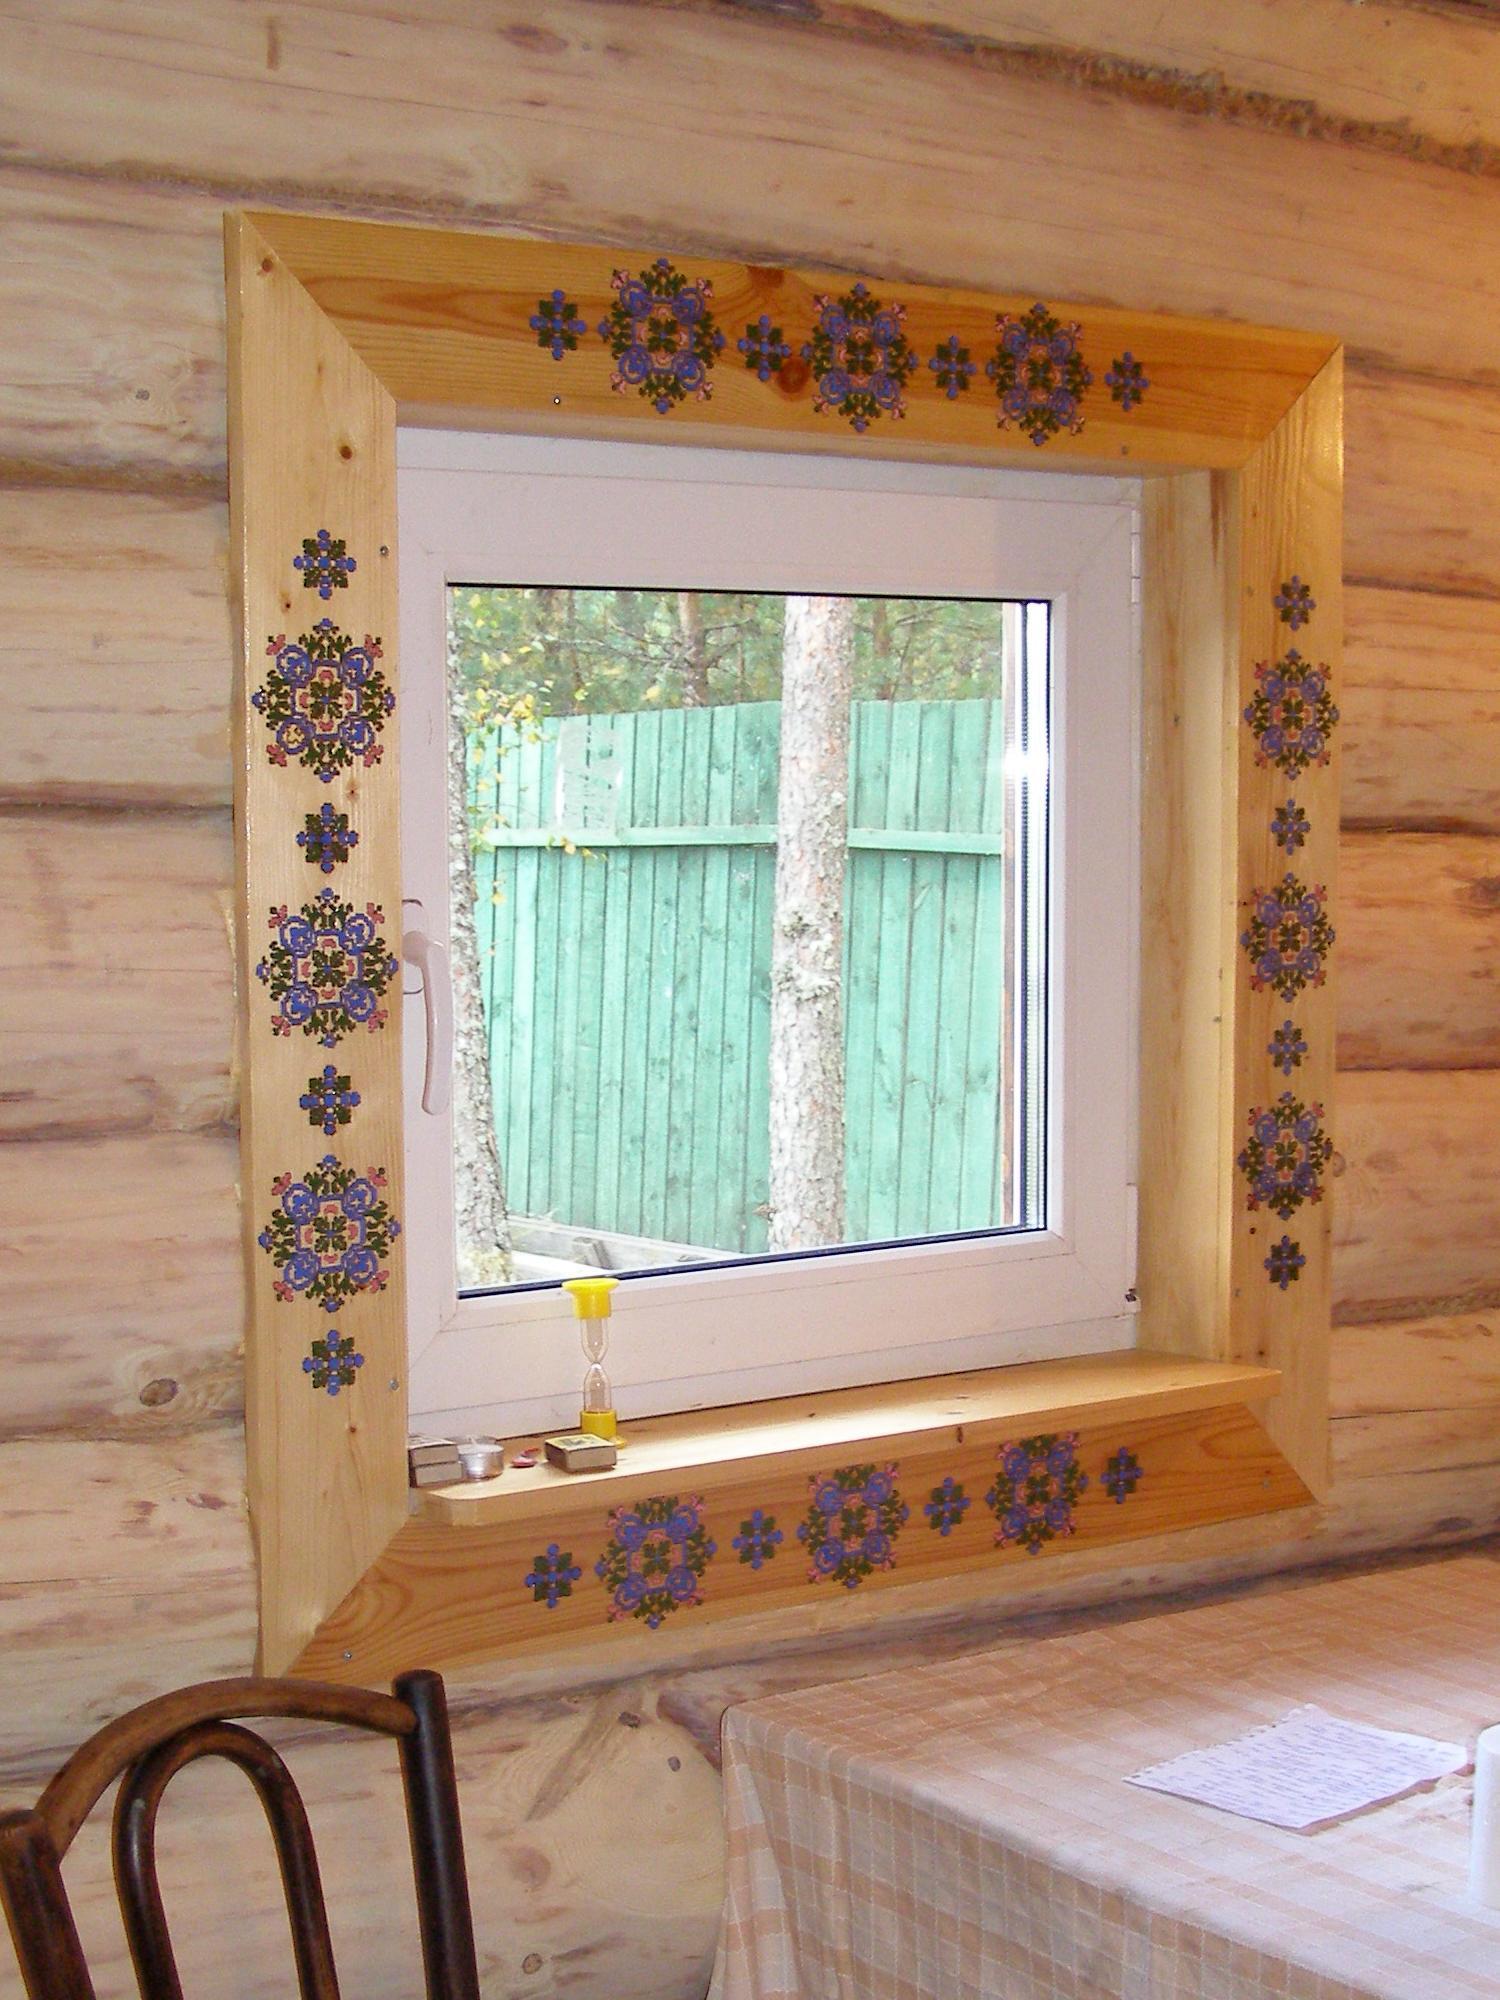 Если приложить некоторые-усилия-то окно станет настоящим украшениям бани